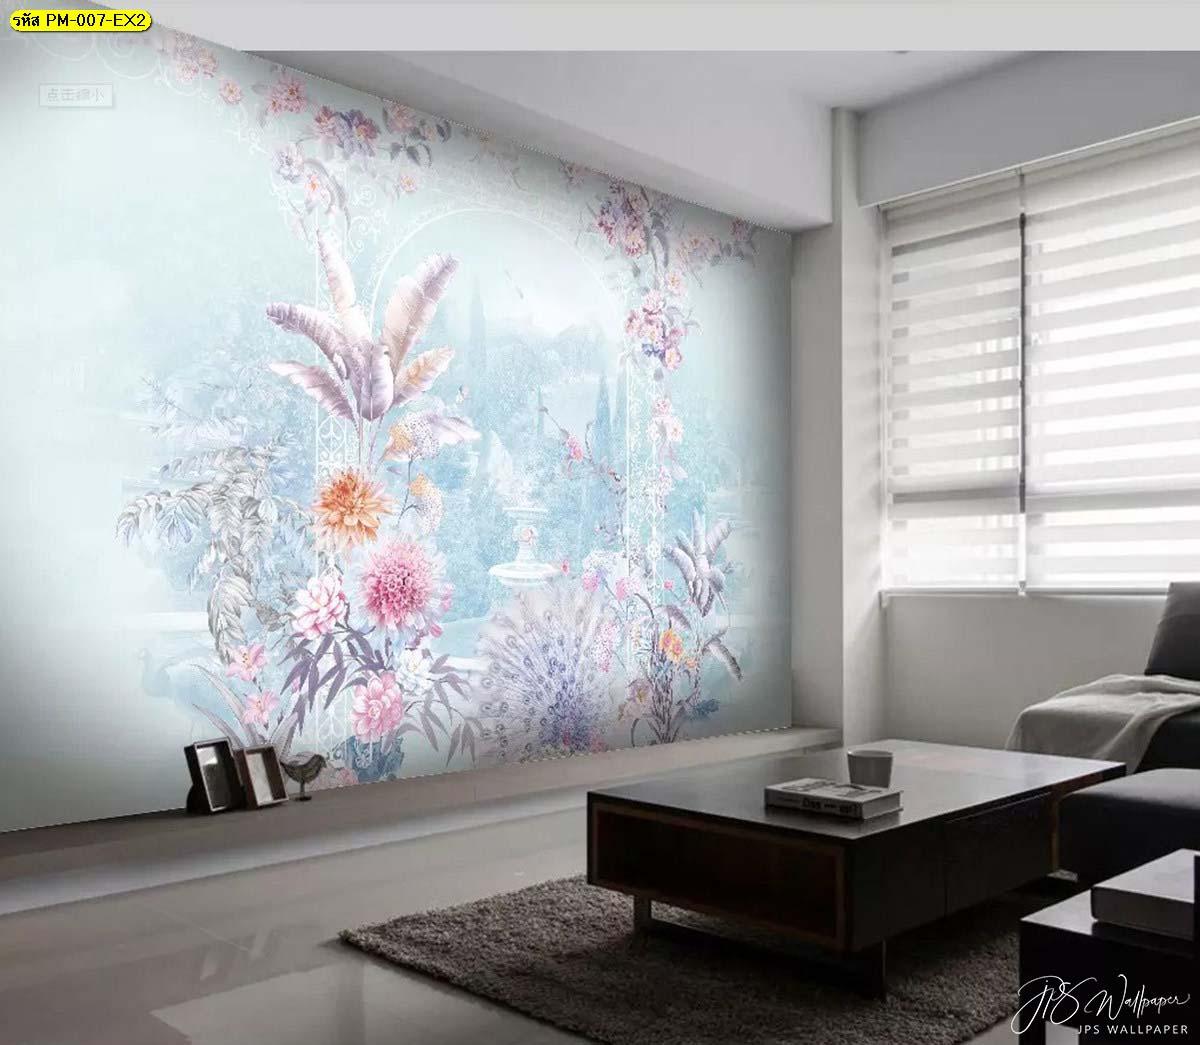 วอลเปเปอร์ติดห้องนั่งเล่น วอลเปเปอร์ติดพื้นหลังลายสวนดอกไม้เกรดพรีเมี่ยมสีฟ้าพาสเทล